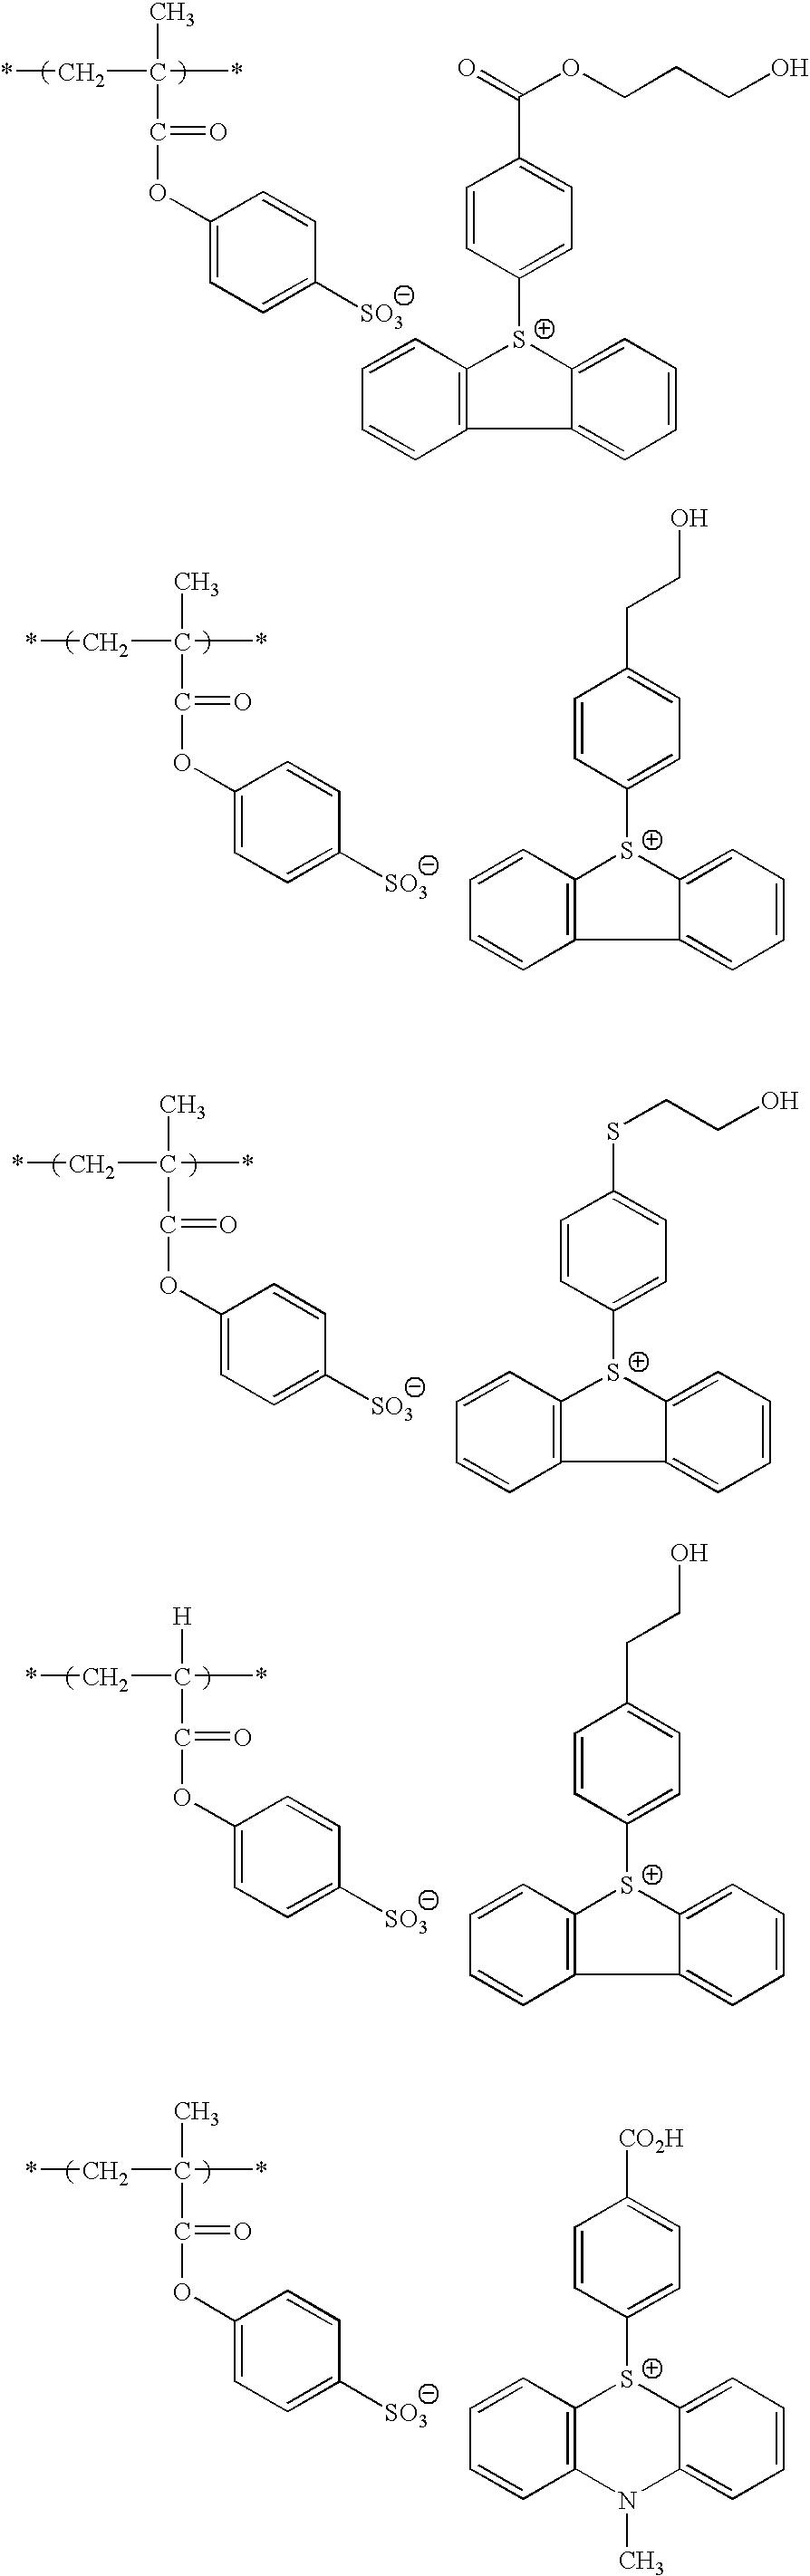 Figure US20100183975A1-20100722-C00071